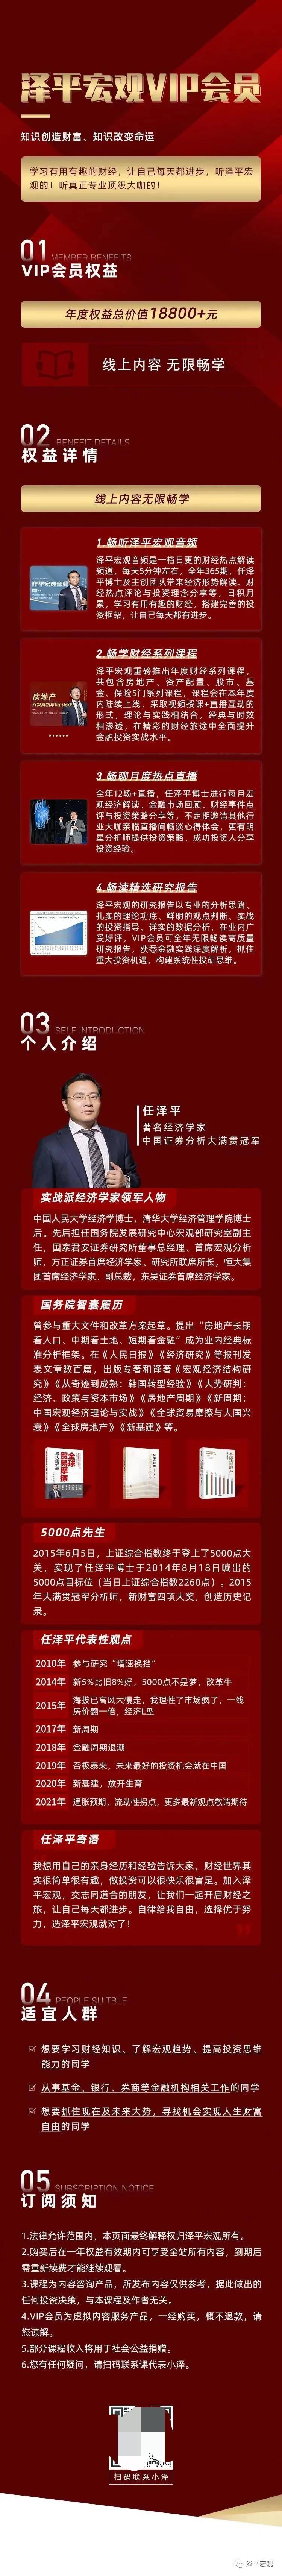 任泽平《泽平宏观VP会员》视频+音频